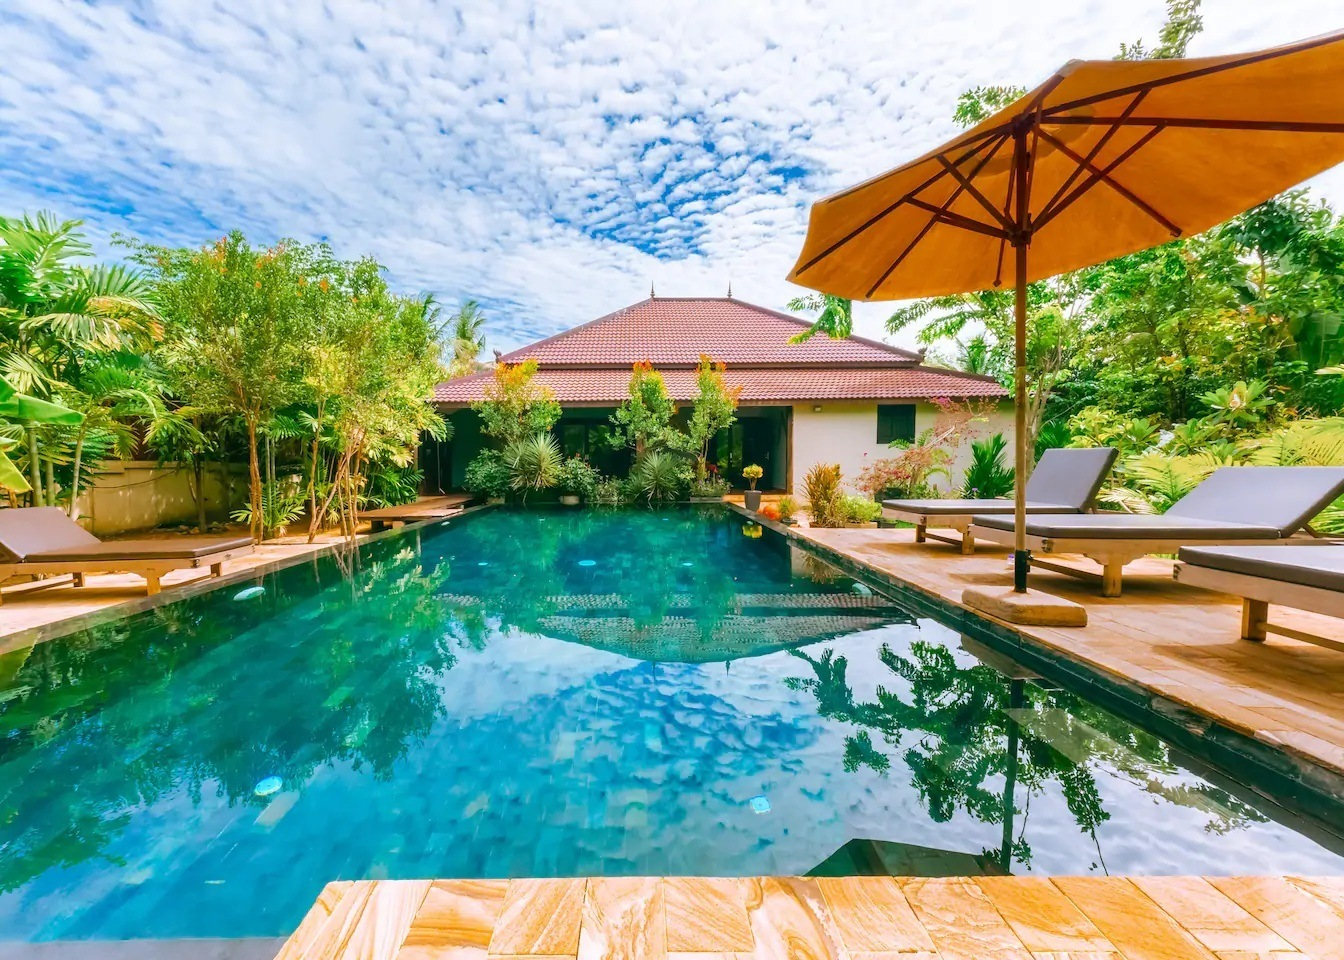 cambodia - Villa Moringa